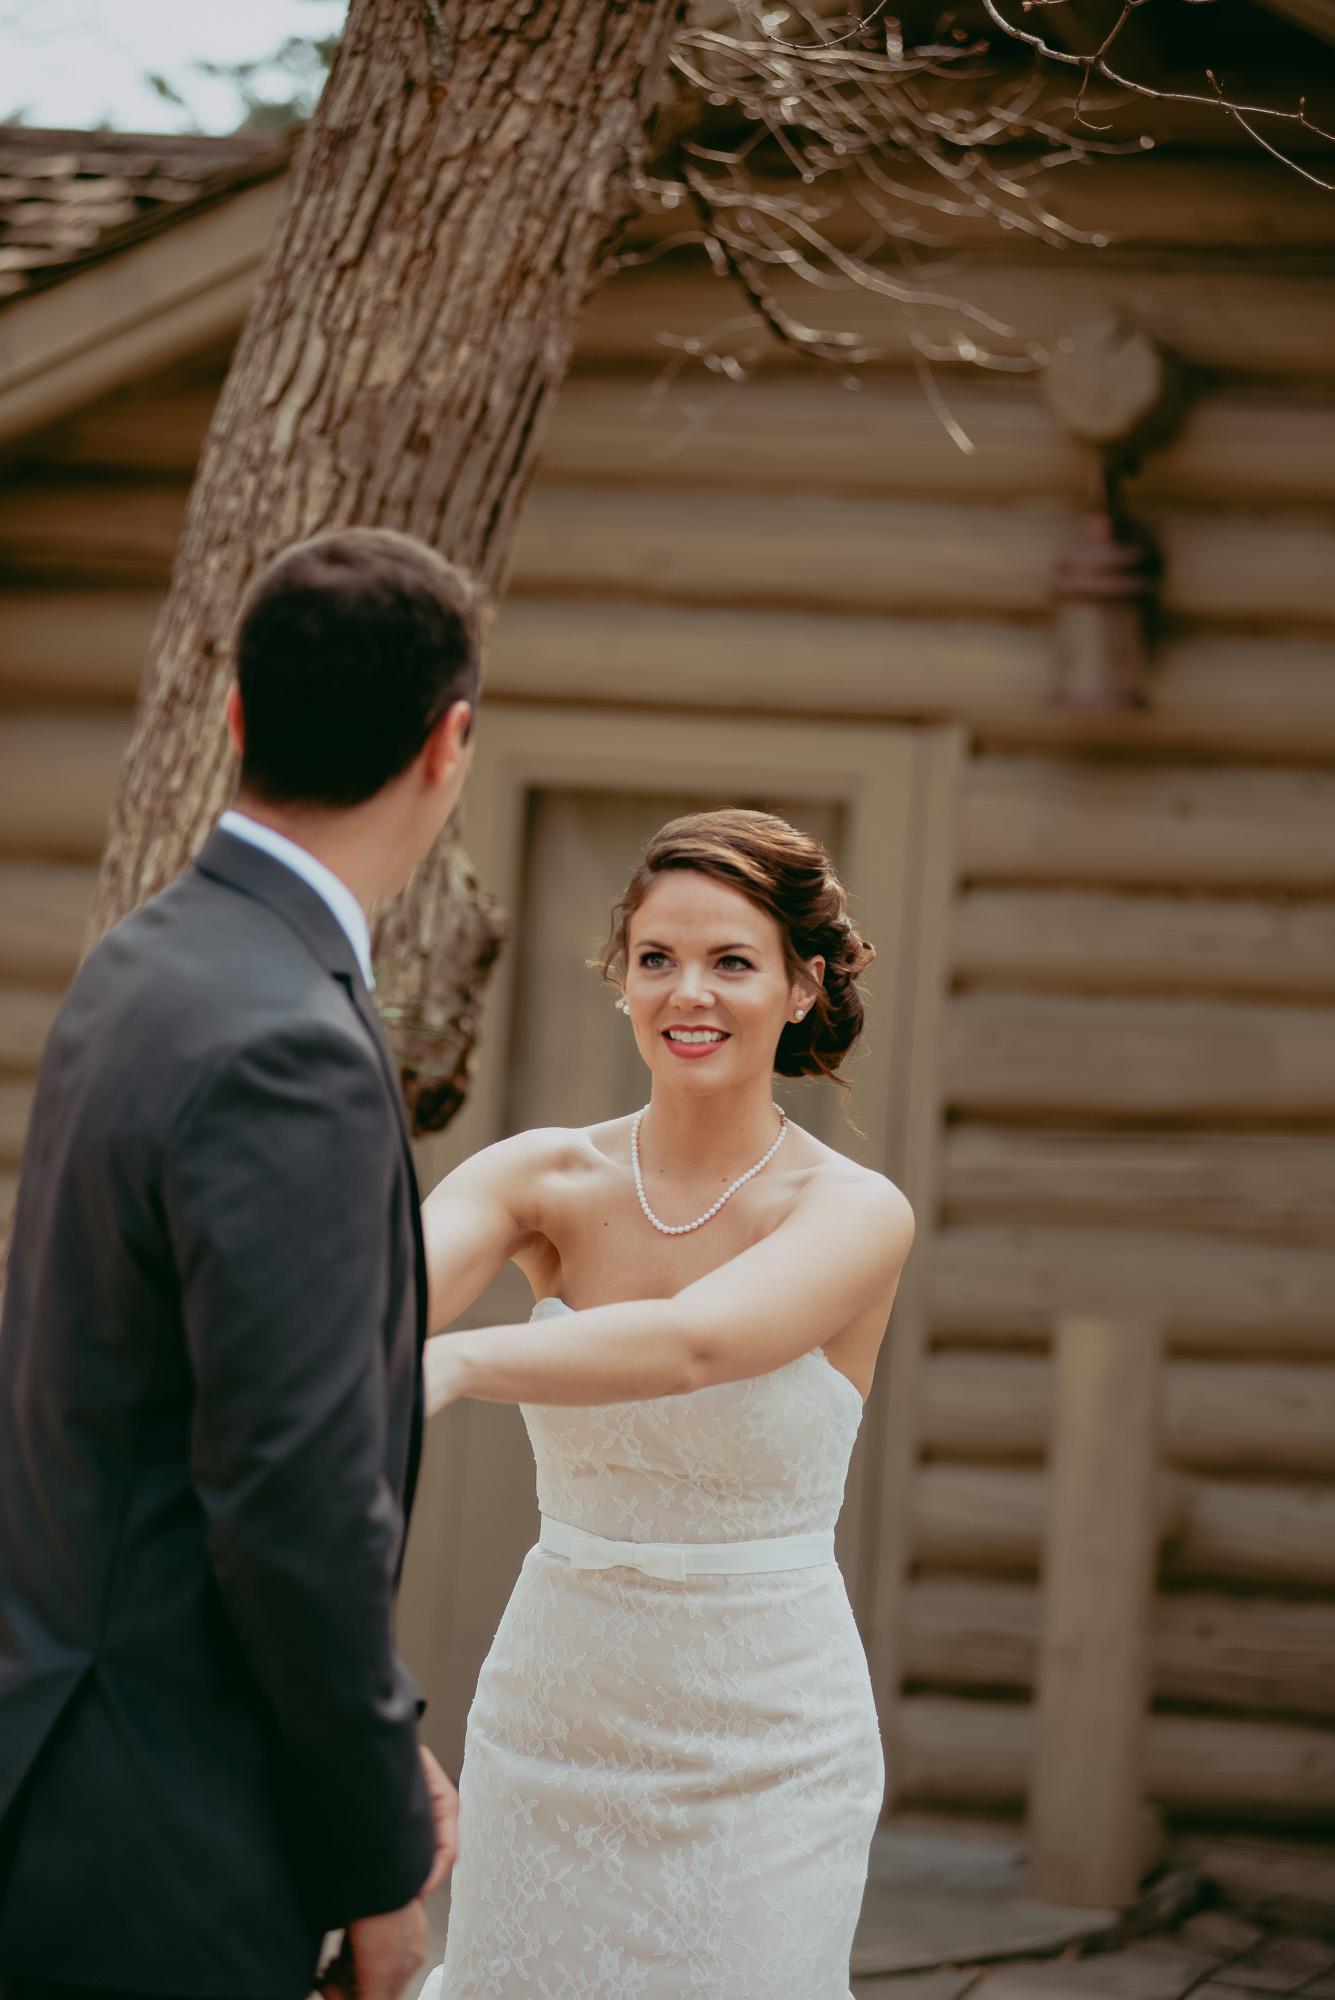 Rockford-IL-wedding-photographers-17-3.jpg